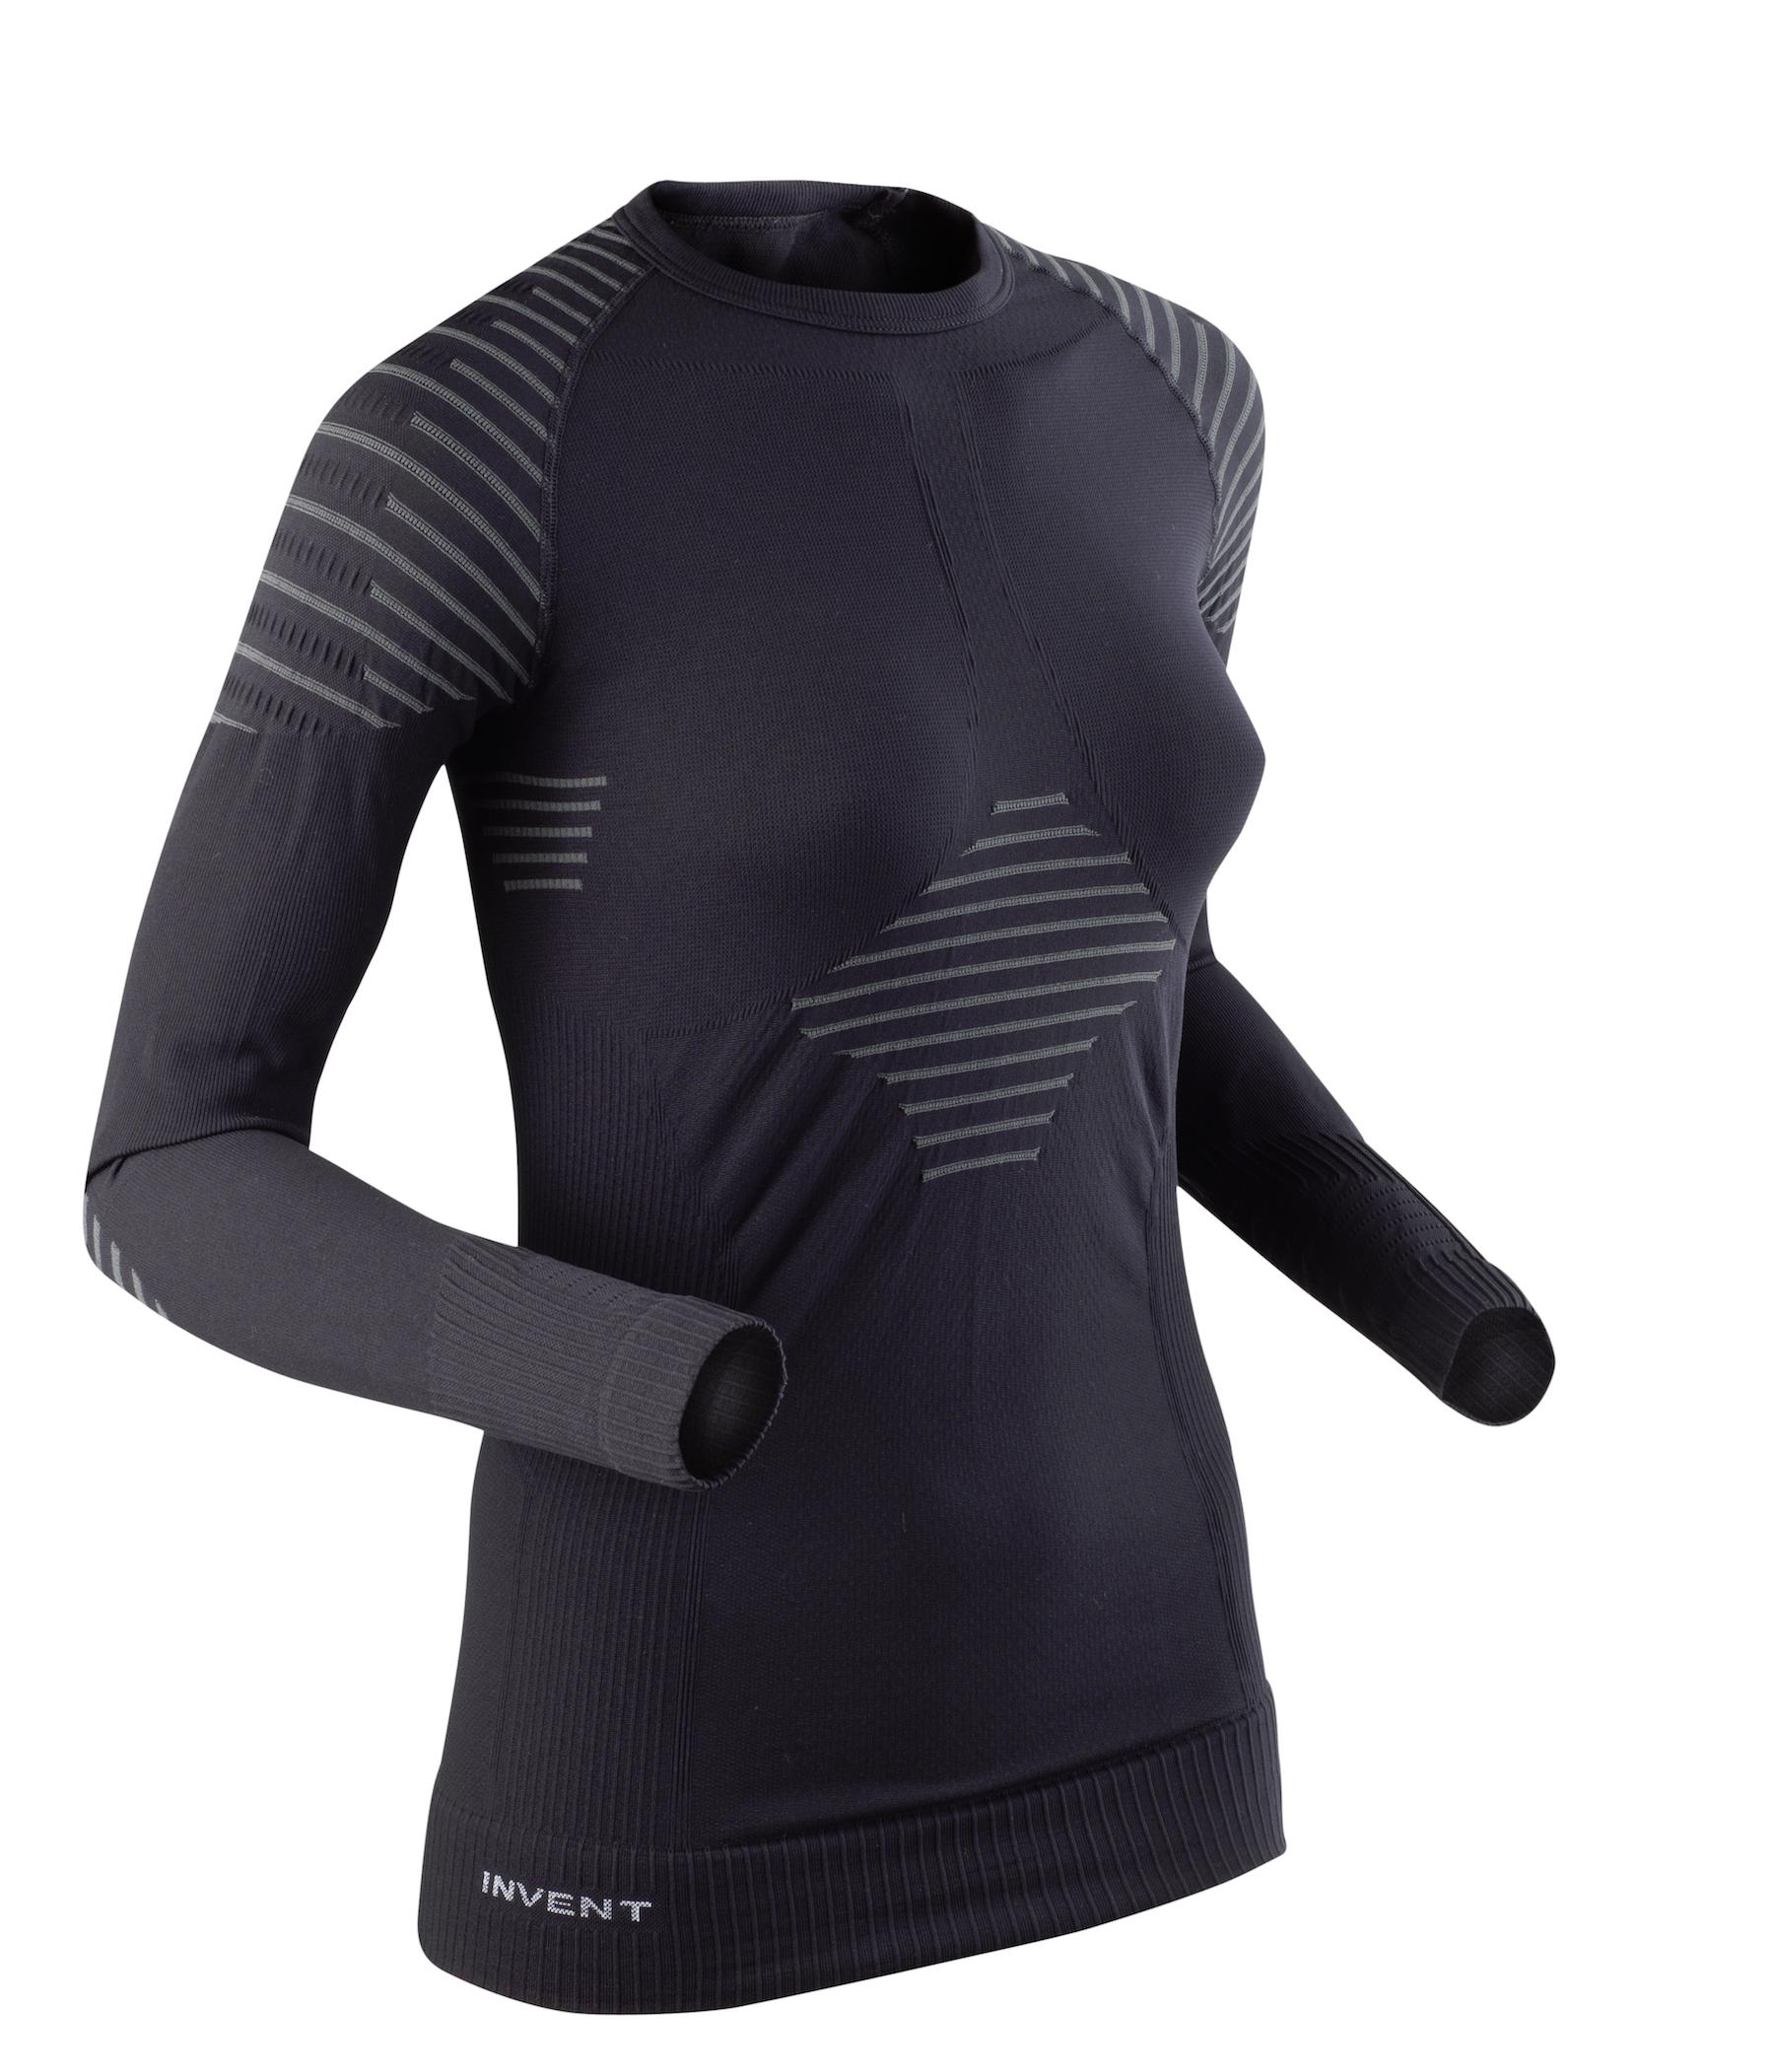 X-Bionic Invent shirt long sleeves - Funktionsshirt - Damen